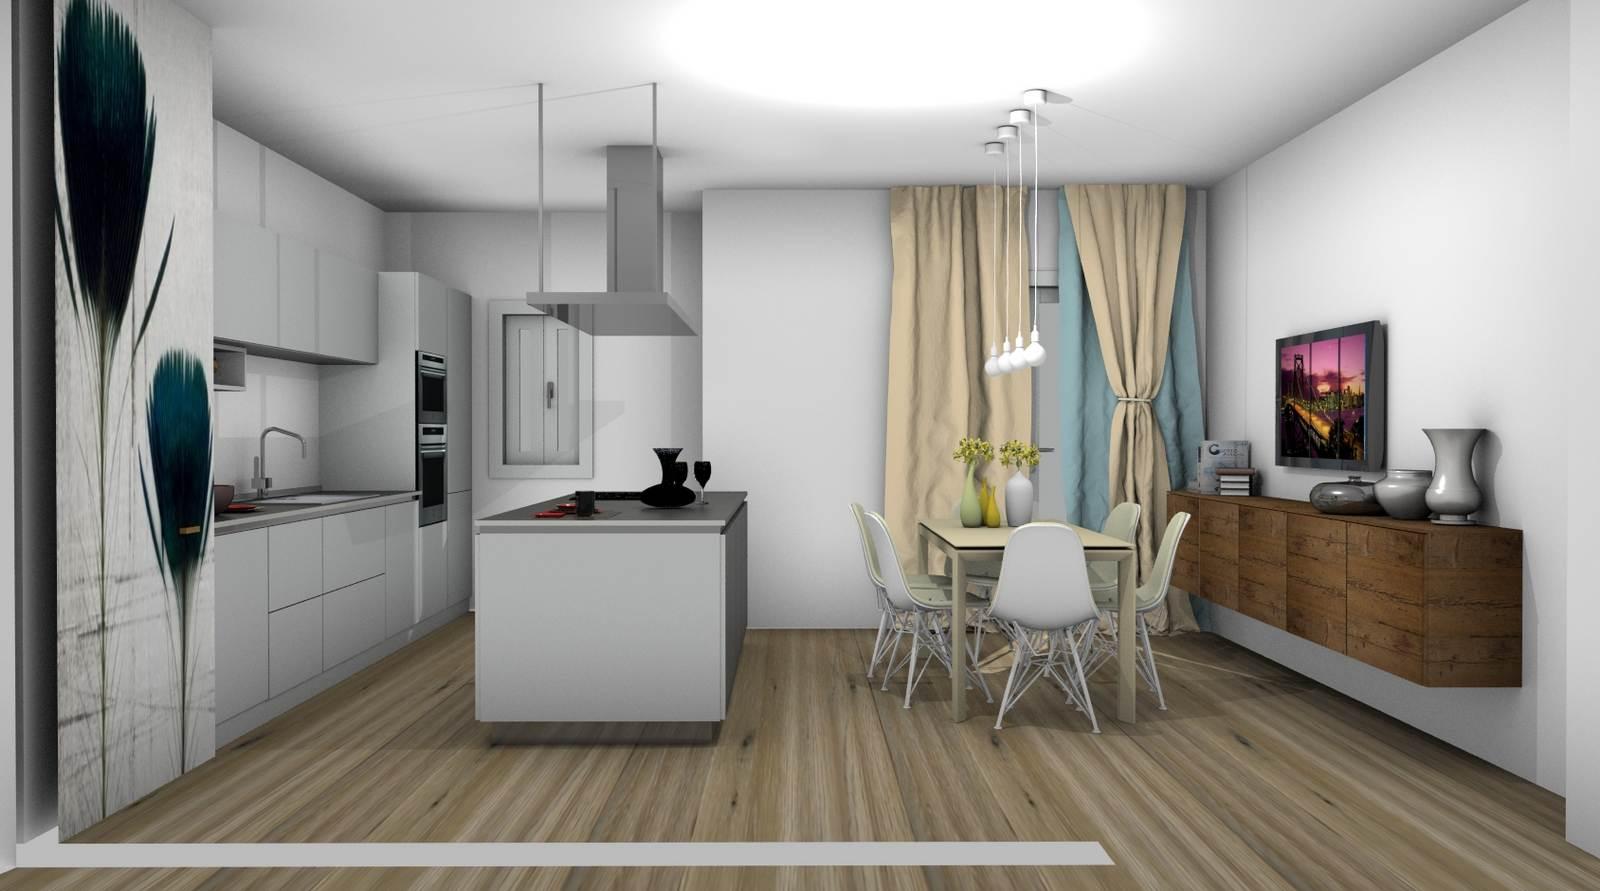 cucina One Ernestomeda rendering 2